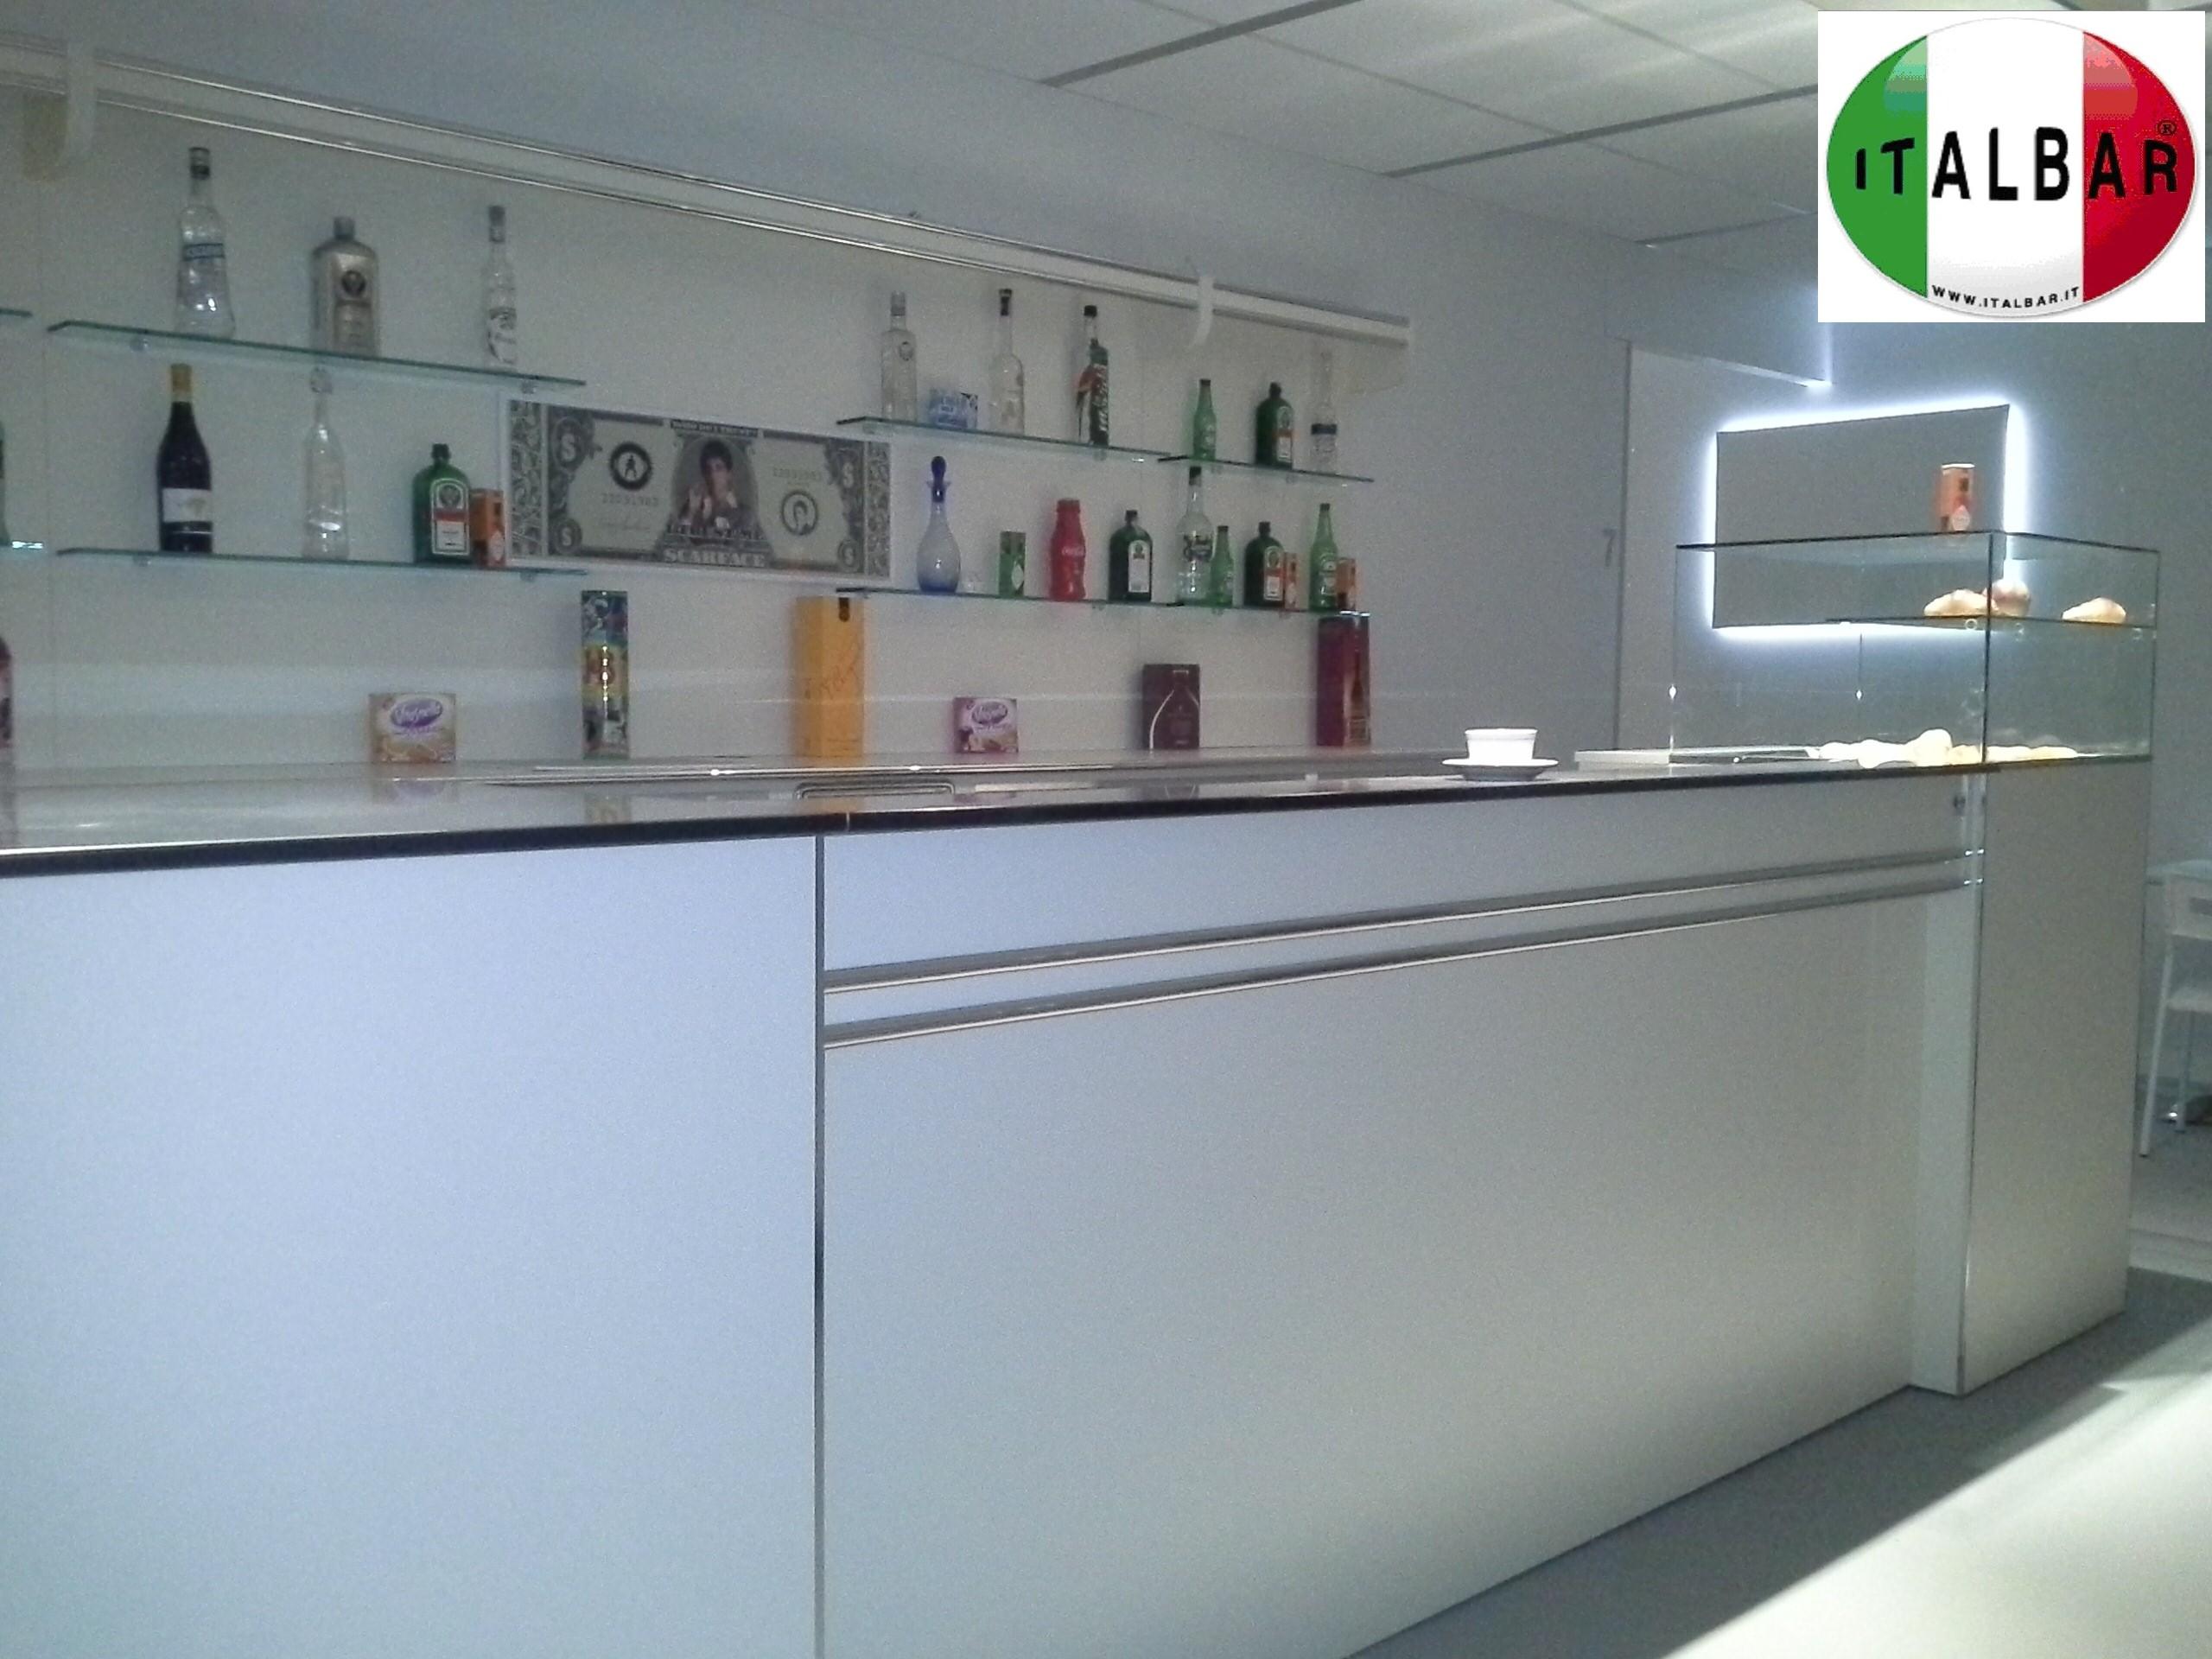 Arredamento bar catania finest carport with arredamento bar